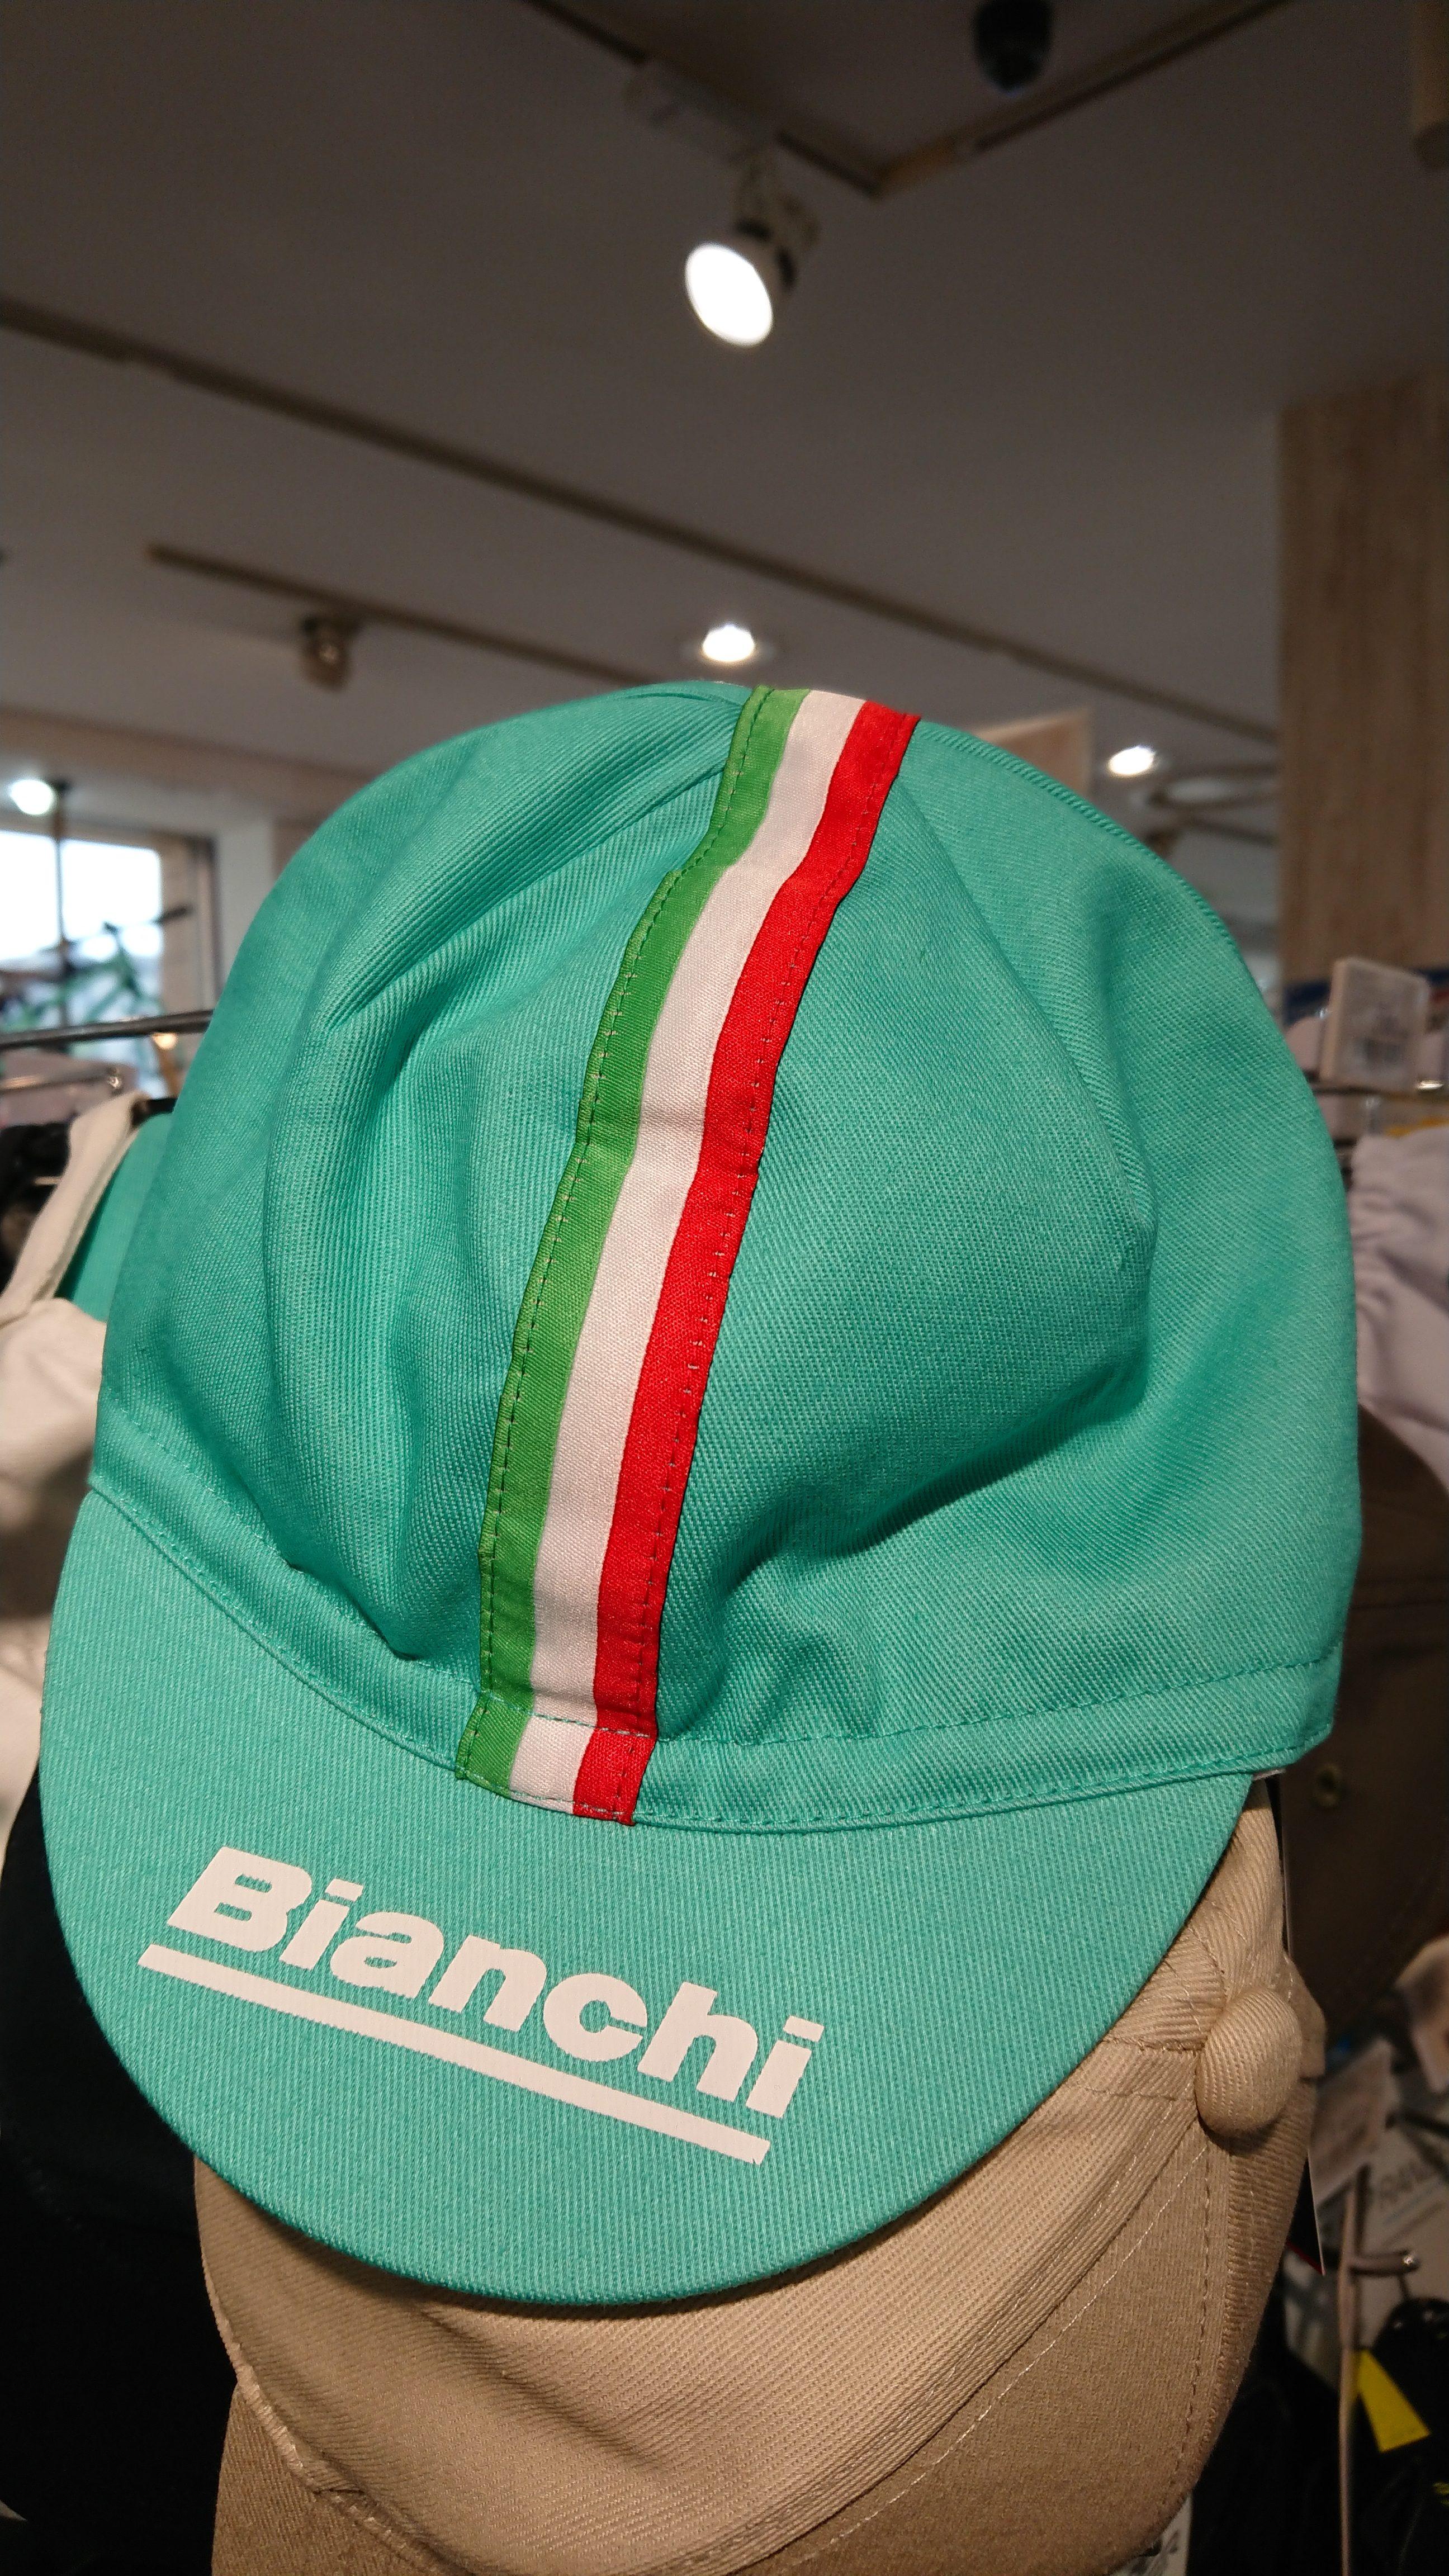 Bianchi サイクルキャップ 入荷しました